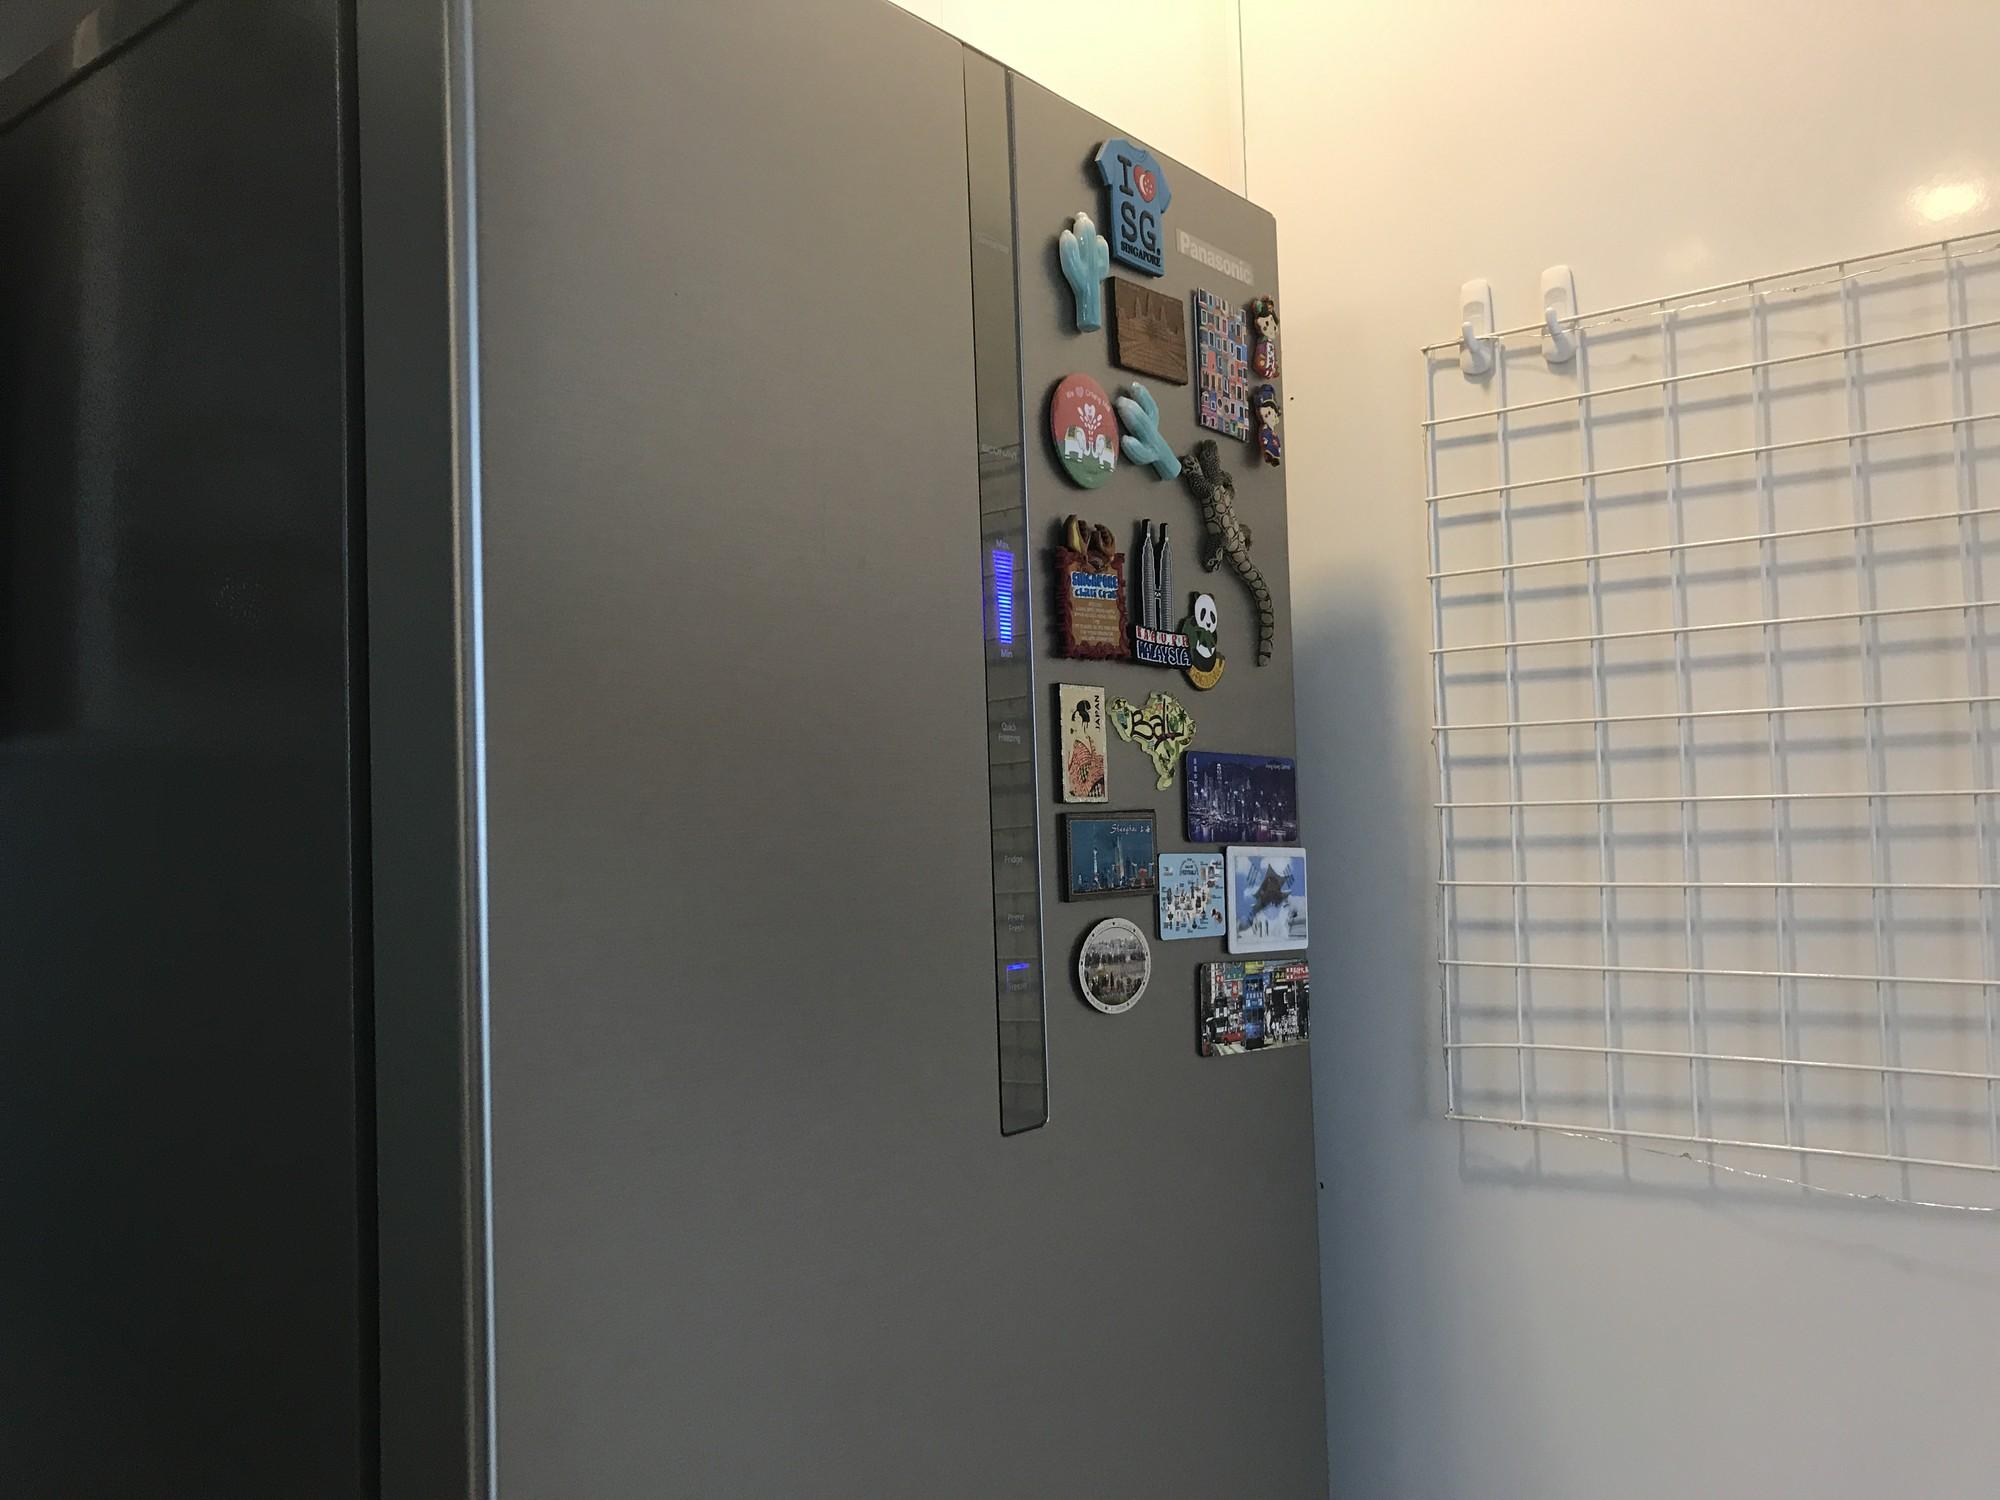 Nữ Giám đốc sống tối giản Vanilla hướng dẫn áp dụng lối sống xanh cho chiếc tủ lạnh mùa hè, chị em nên học ngay - Hình 2